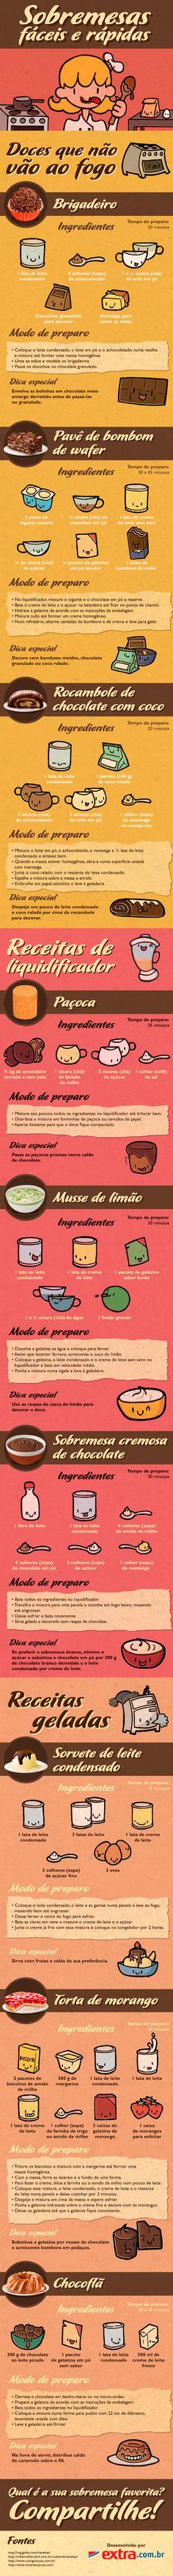 Aprenda diversas receitas de sobremesas deliciosas! Tem brigadeiro, pavê de wafer, torta de morango e muito mais! Leia, prepare e experimente!